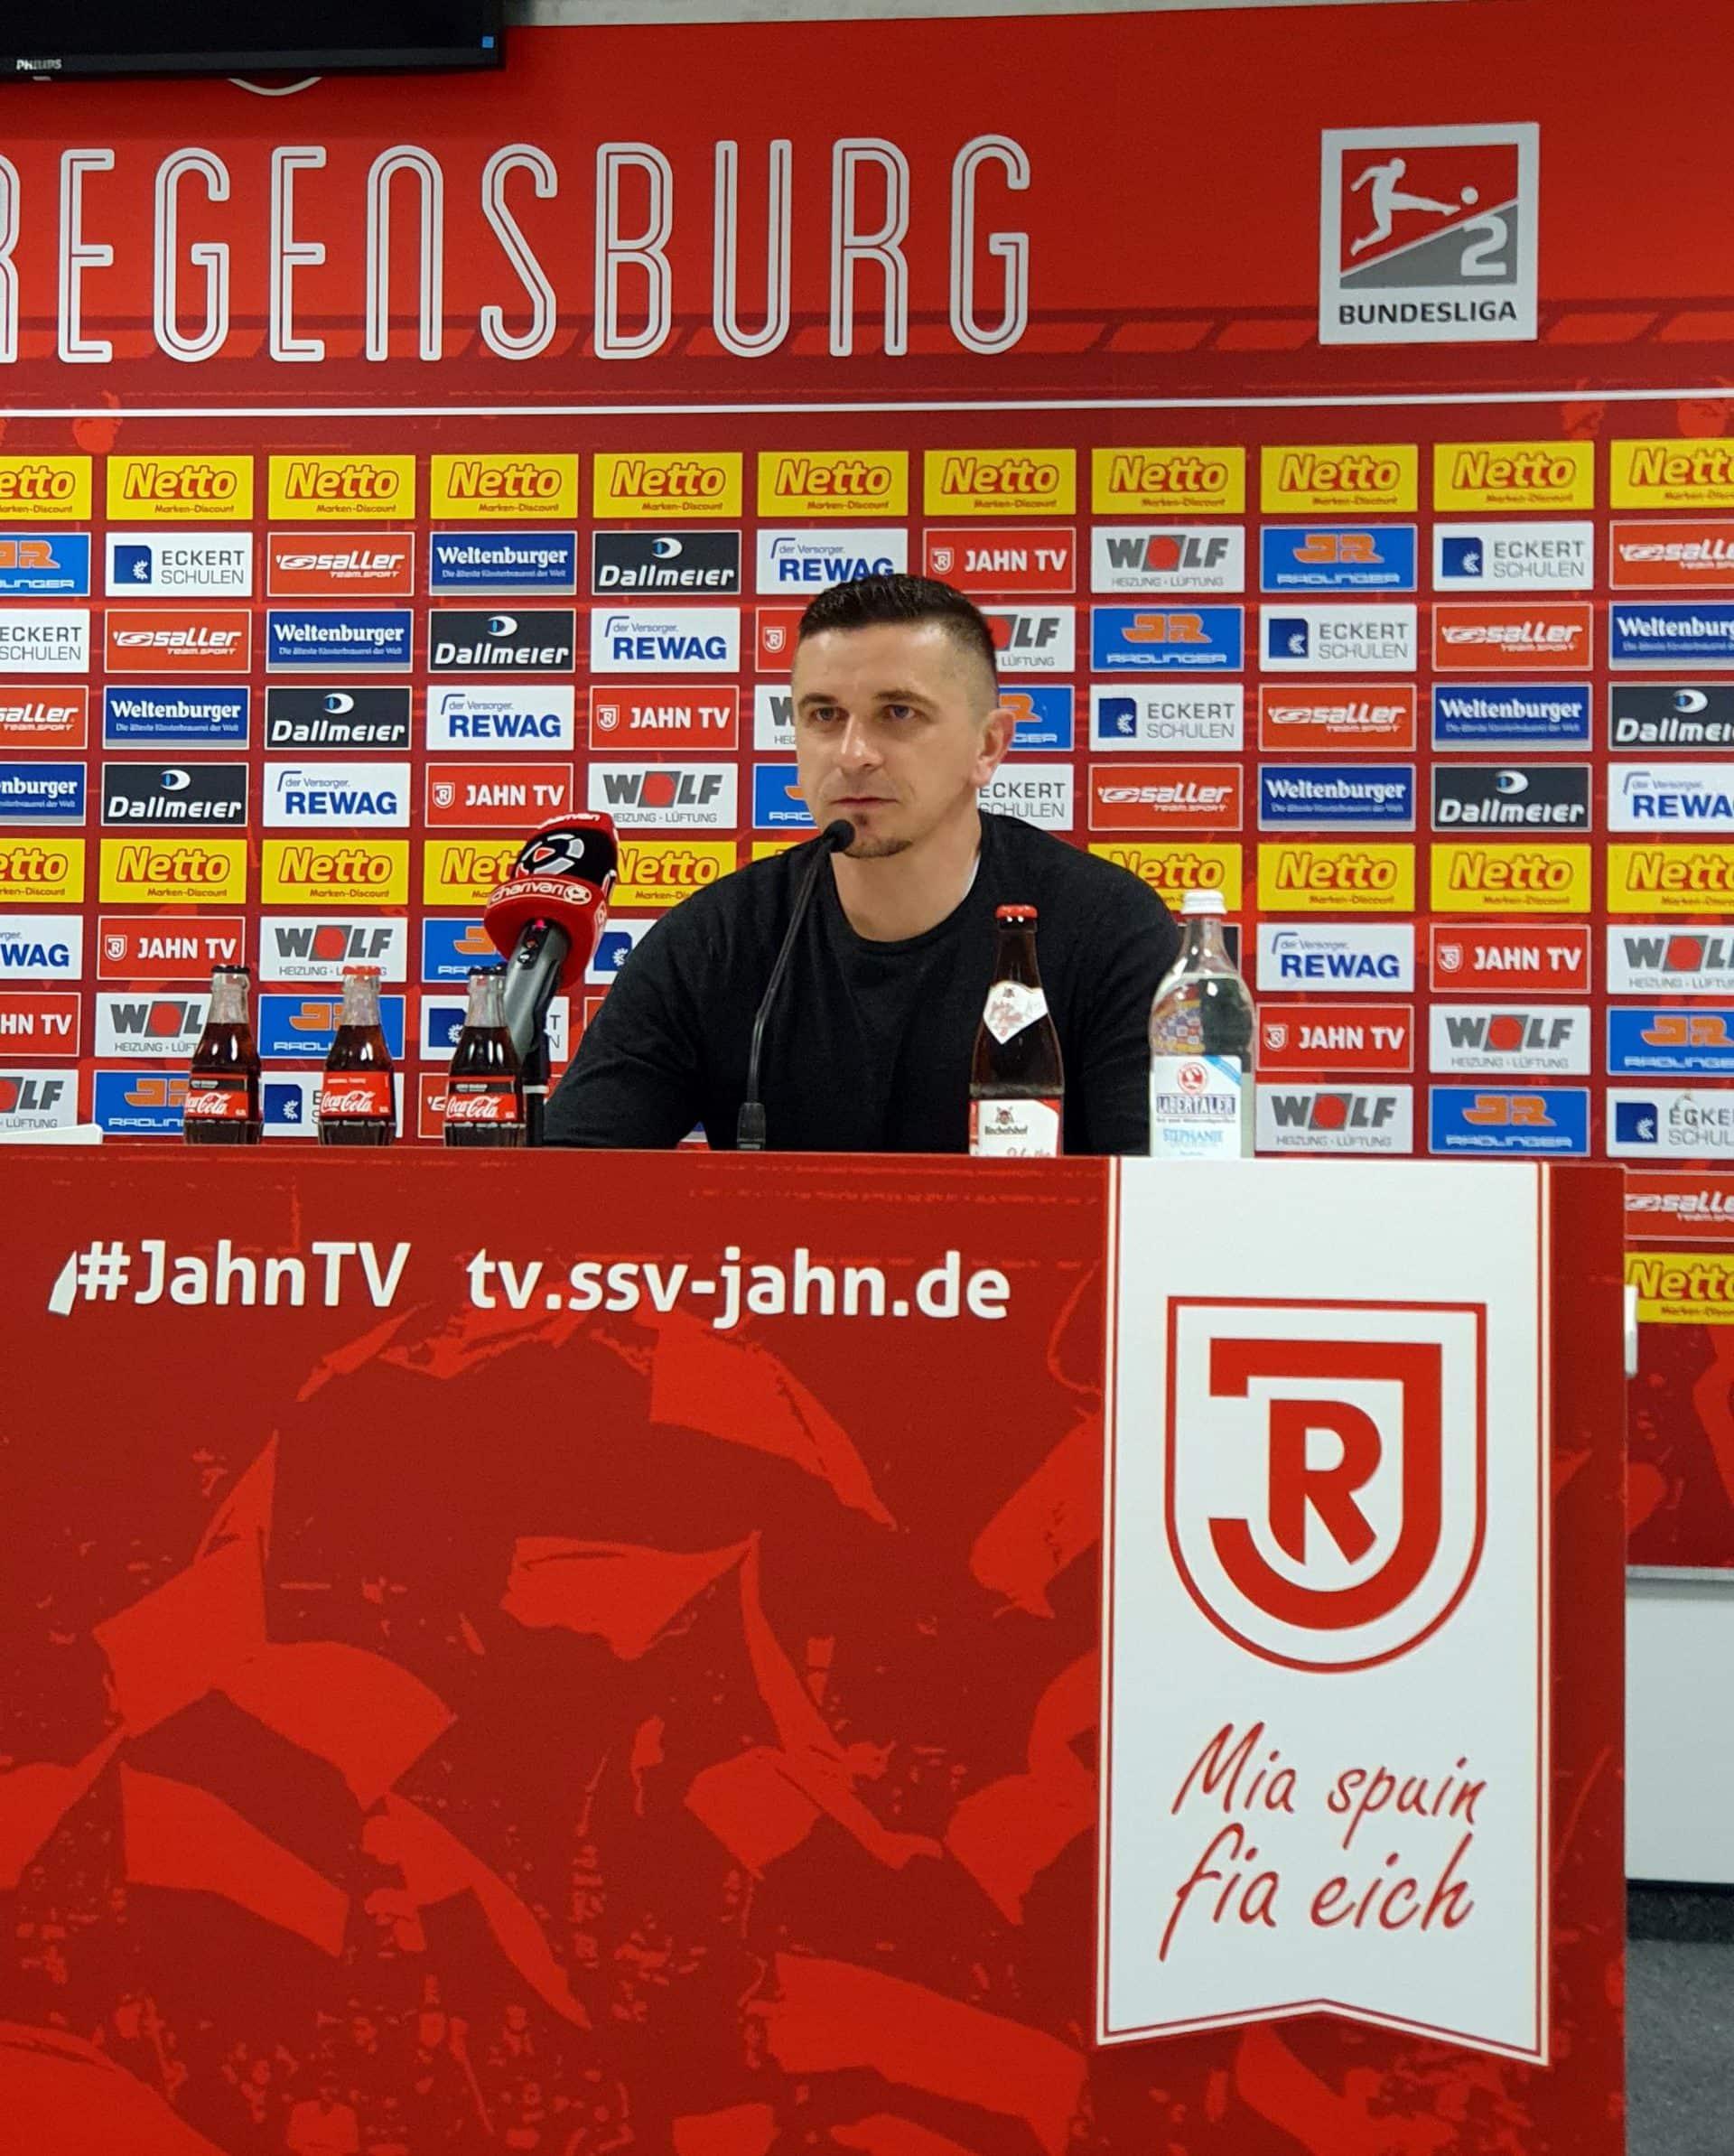 SSV: Aufrappeln nach historischer Pleite Bielefeld brachte die Jahnelf völlig aus dem Konzept / Neue Chance gegen Wiesbaden